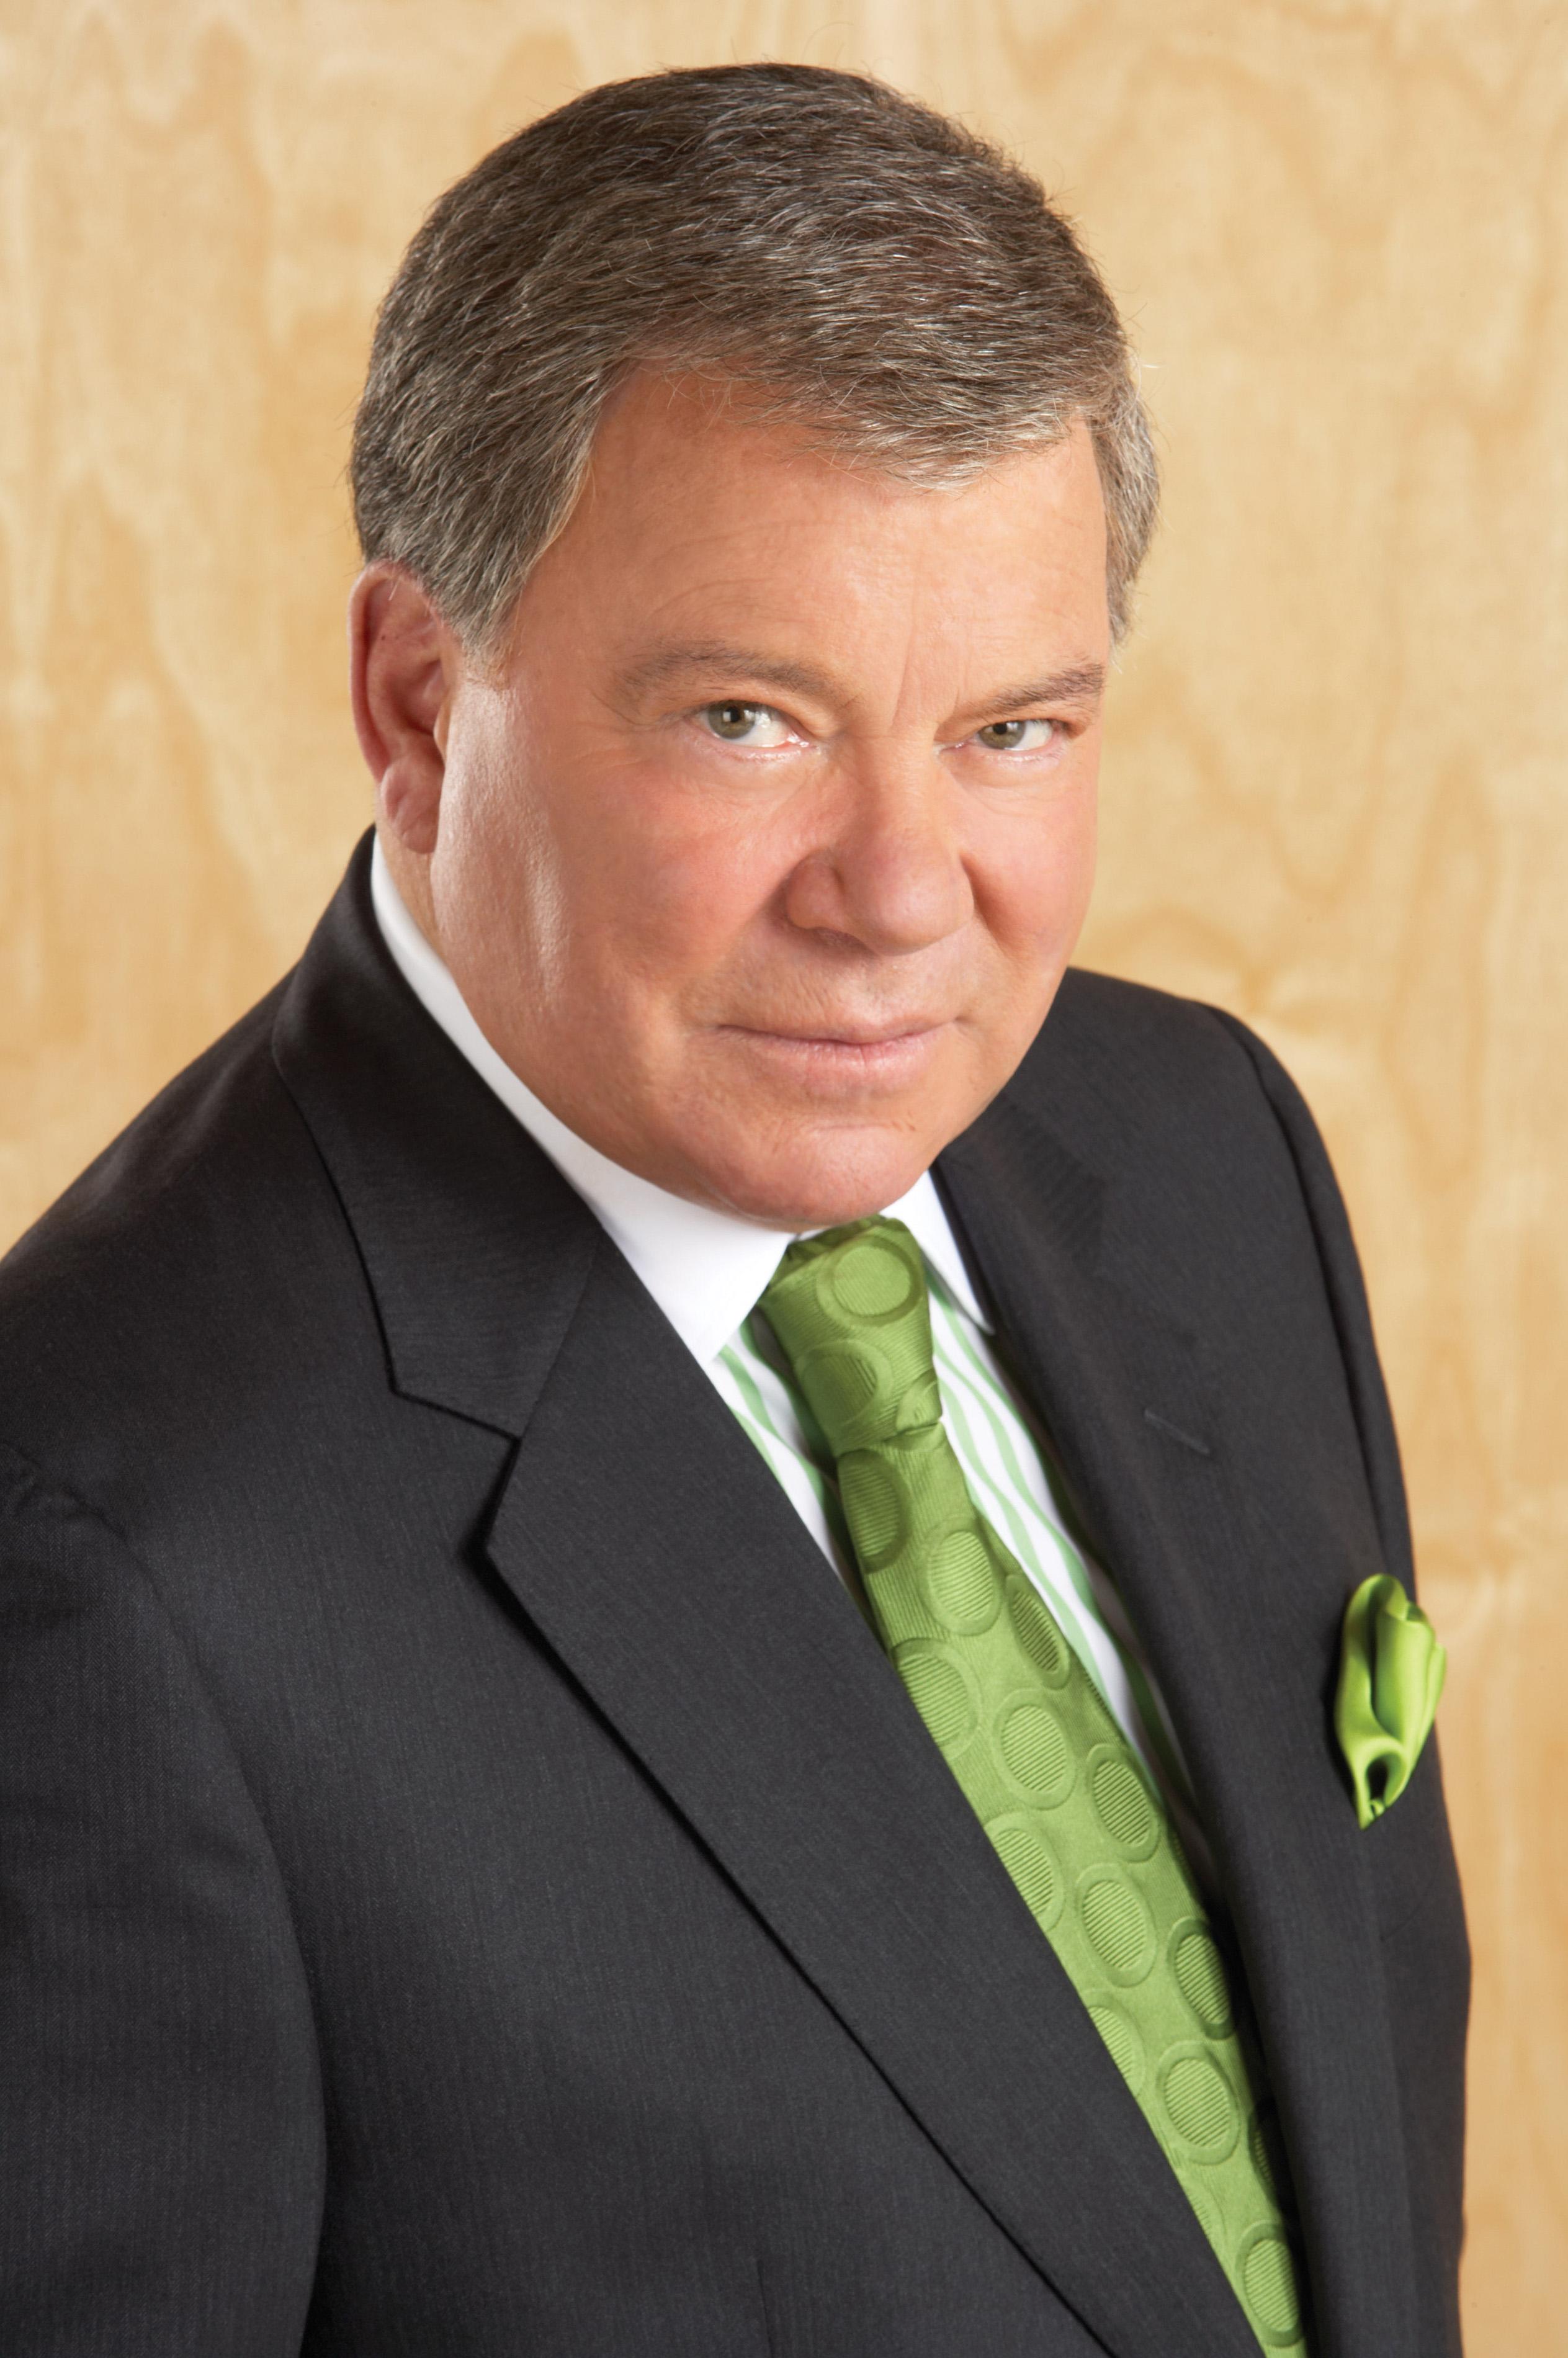 William Shatner - Picture